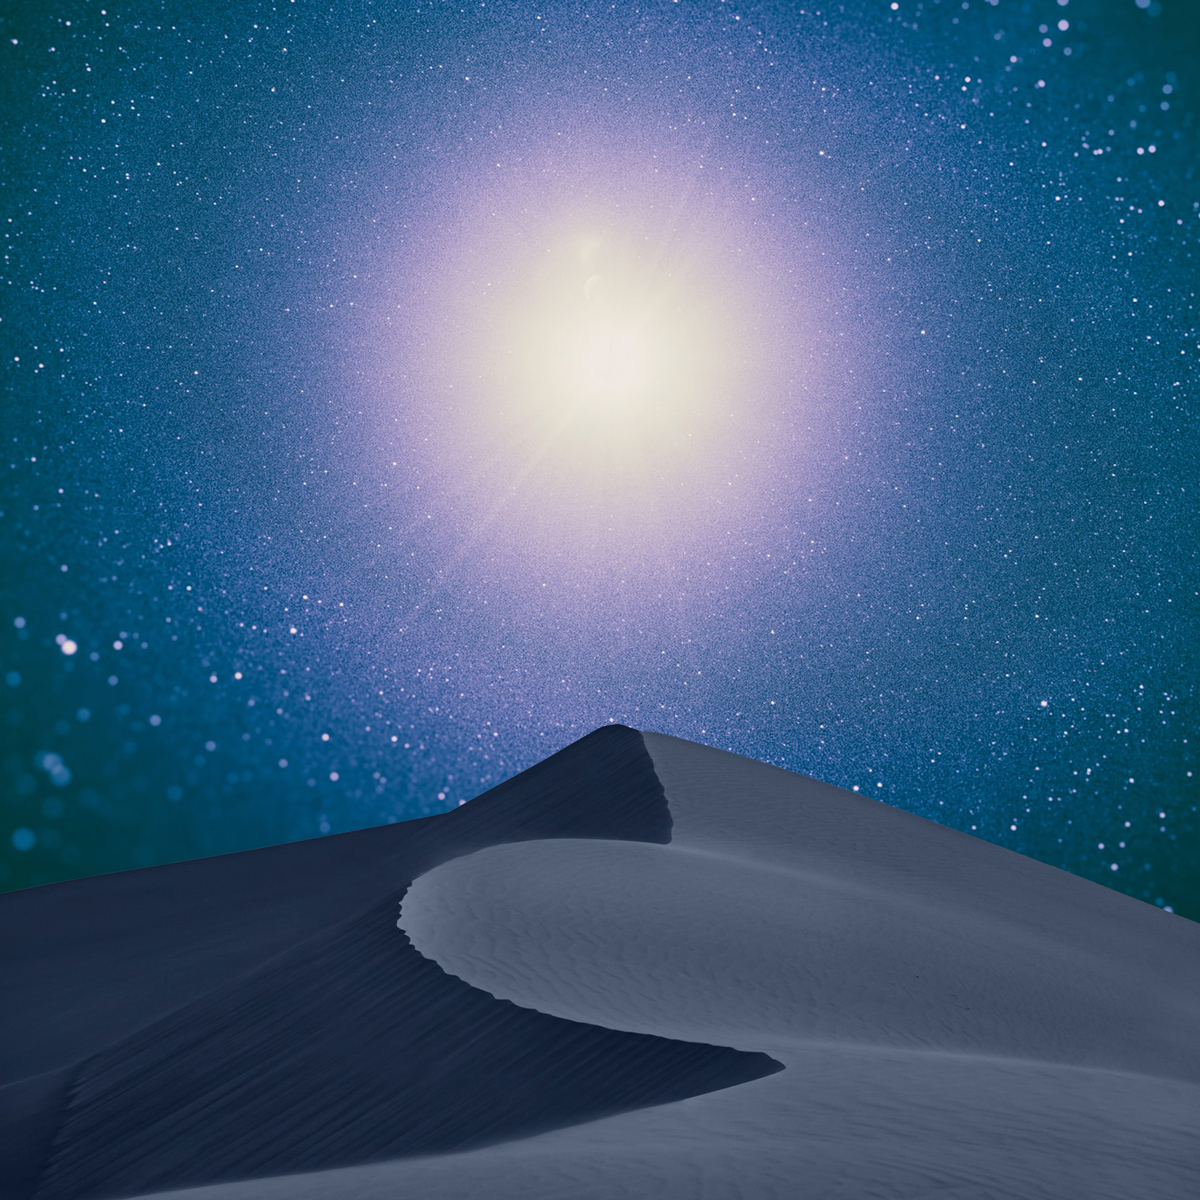 Magi Star Desert